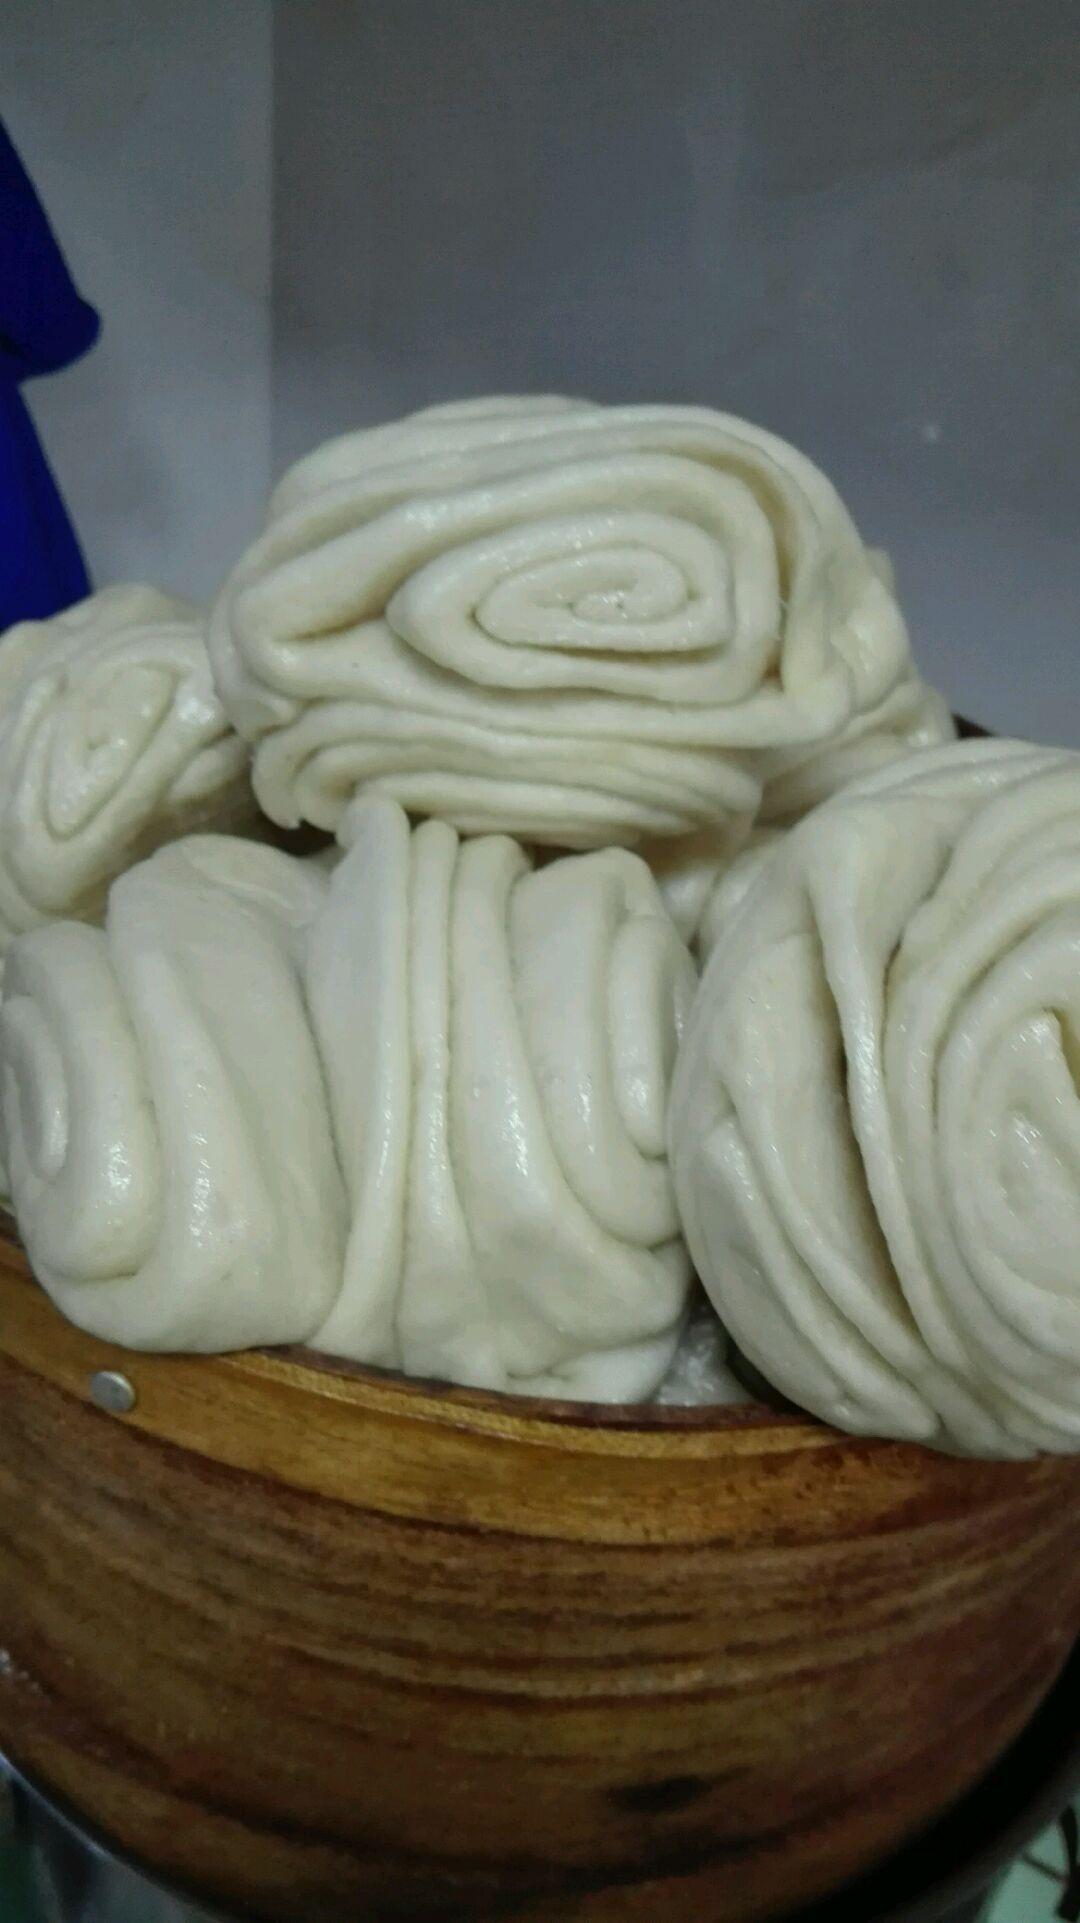 炒菜煲汤临锅时加入提鲜不口干 蒸花卷的做法步骤 小贴士 揉面男士最